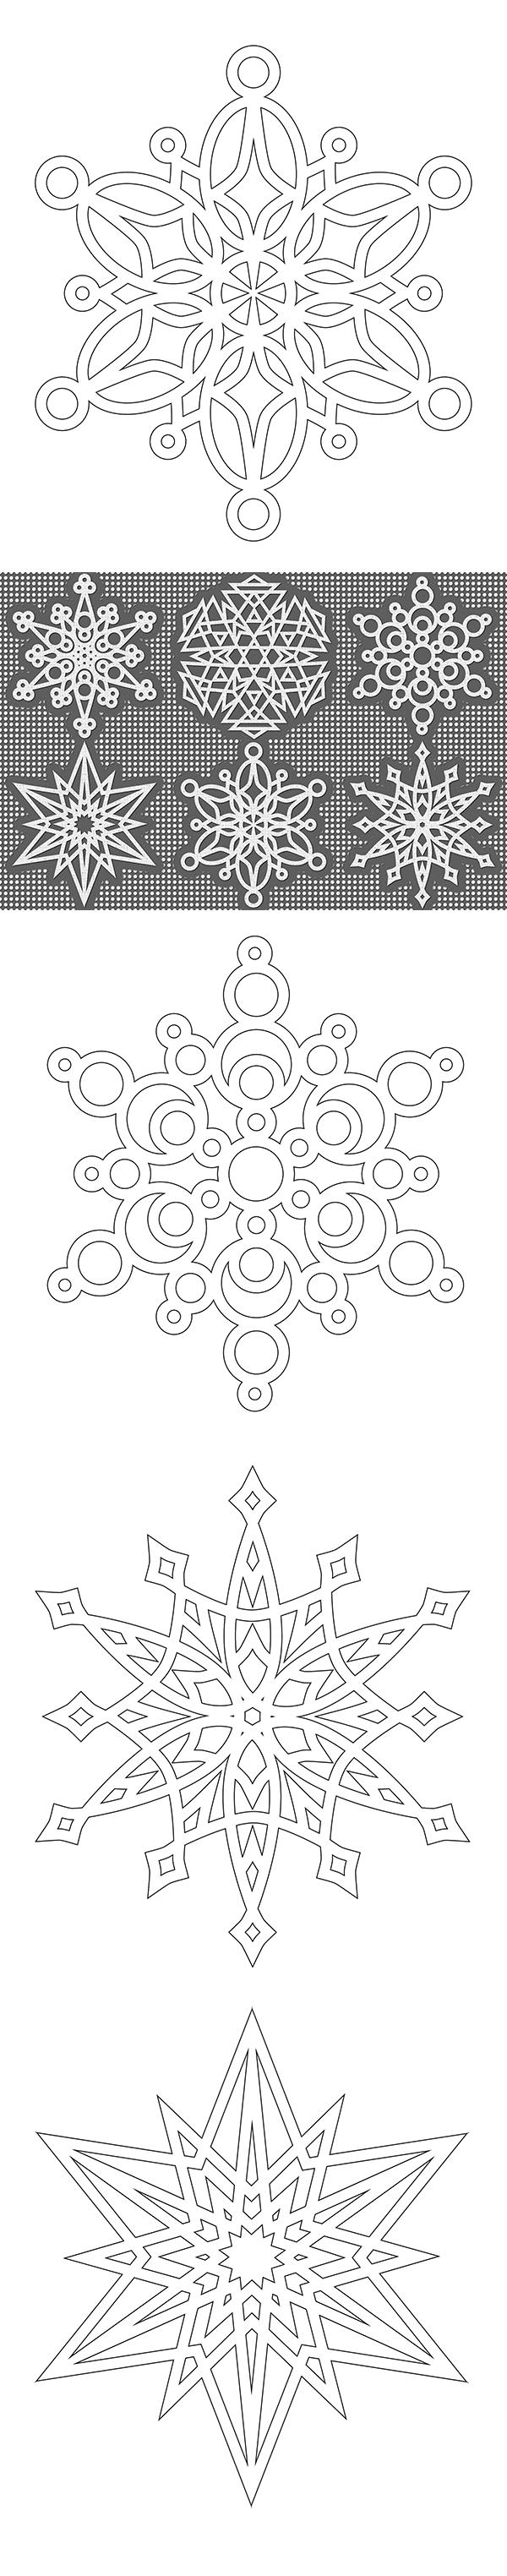 Copos de nieve | Snowflakes | Pinterest | Nieve, Mandalas y Navidad